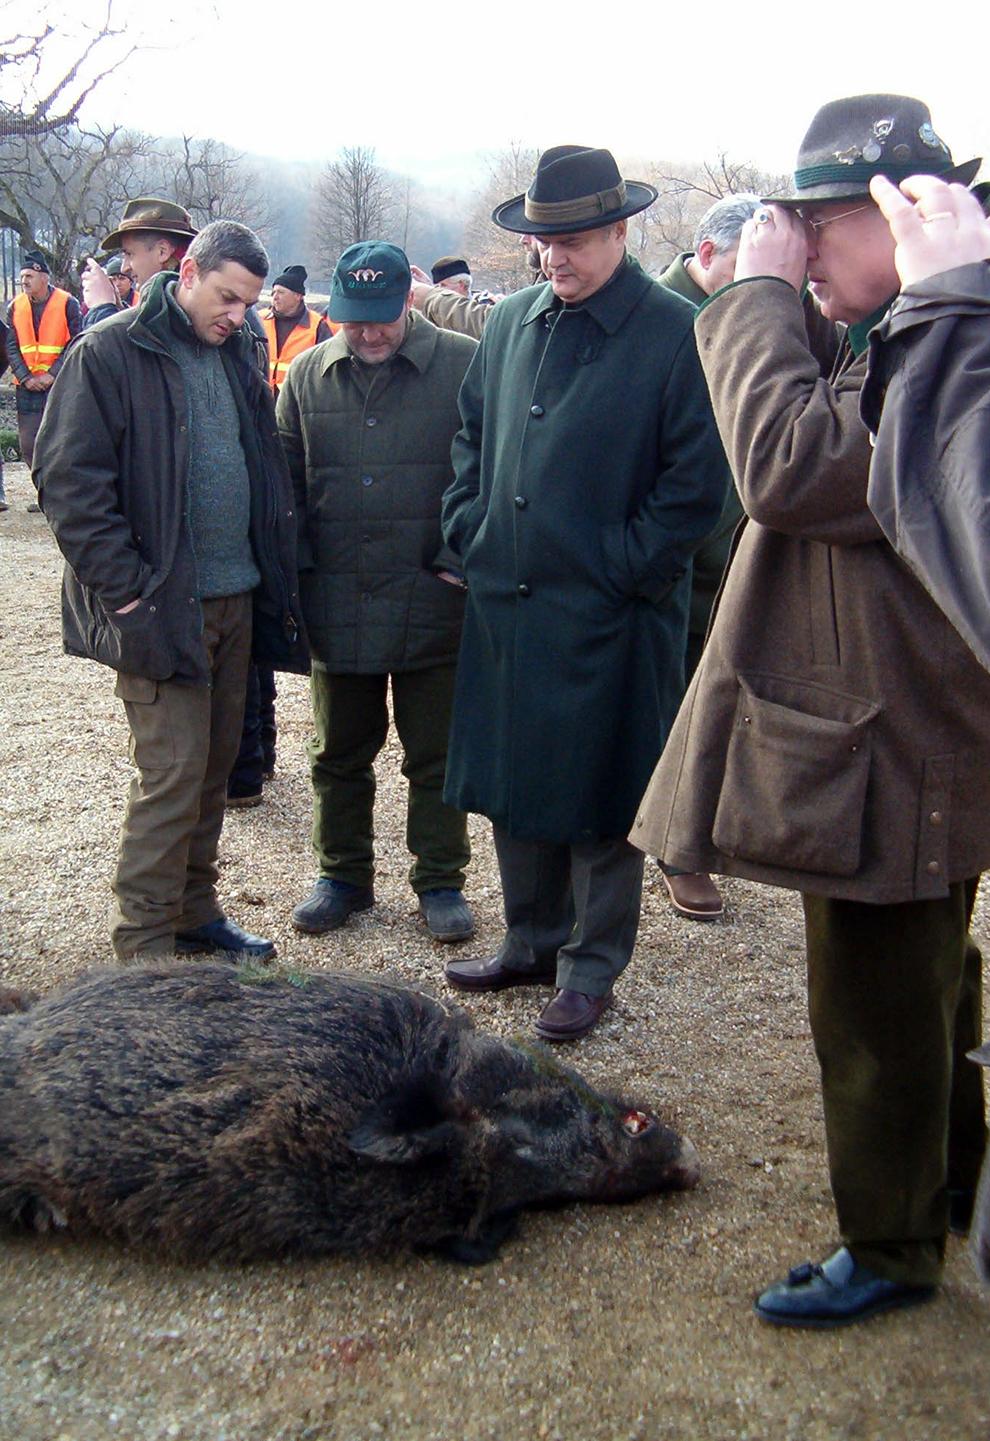 Adrian Năstase (C) se uită la un porc mistreţ omorât în timpul unei partide de vânătoare, organizate de omul de afaceri Ion Ţiriac, pe un domeniu situat lângă localitatea Bâlc, din judeţul Bihor, luni, 24 ianuarie 2005.